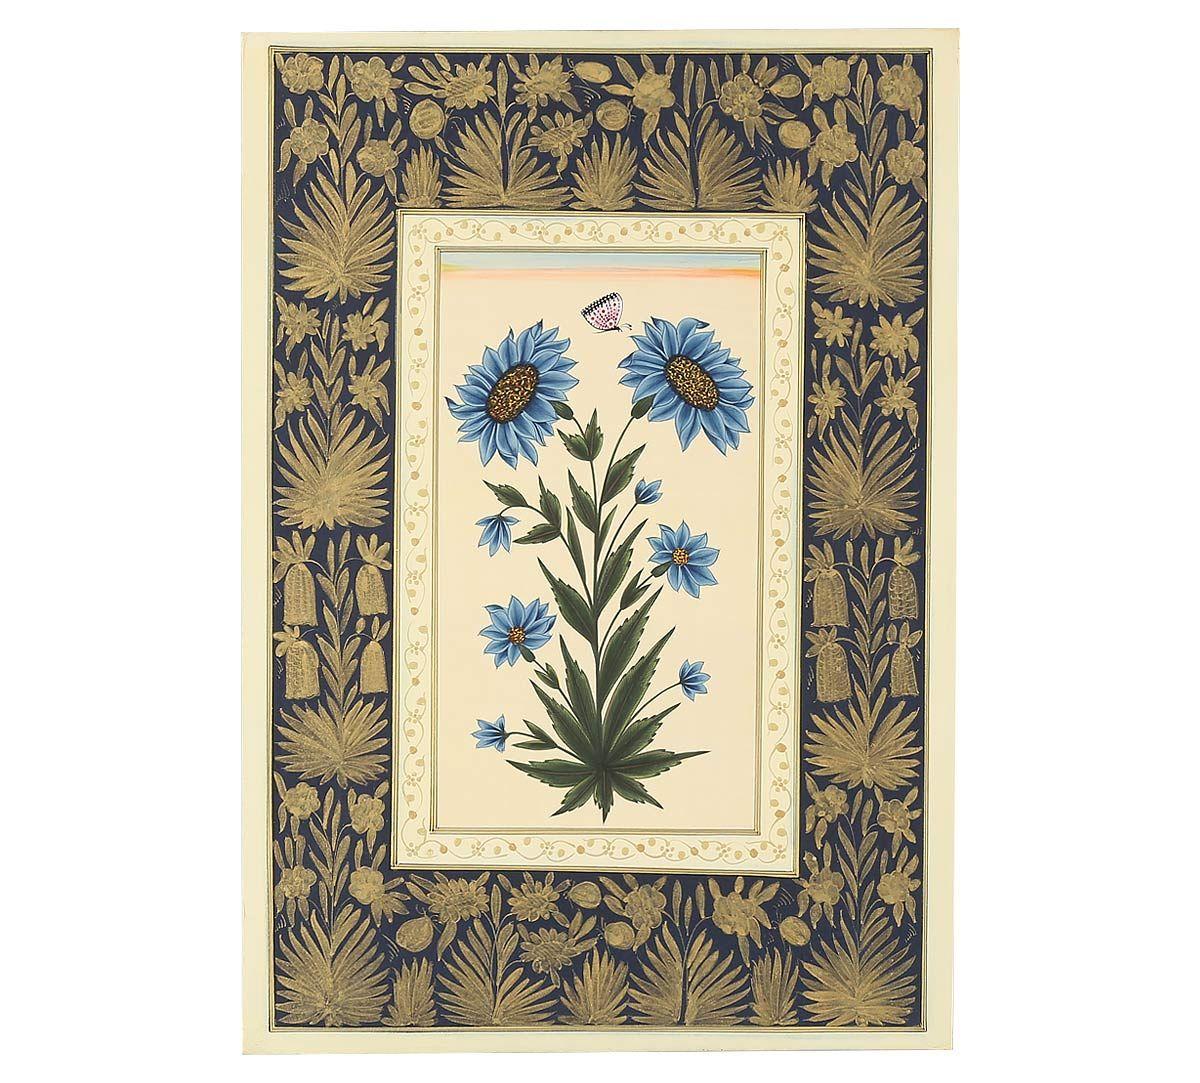 India Circus Sunflower Handmade Poster